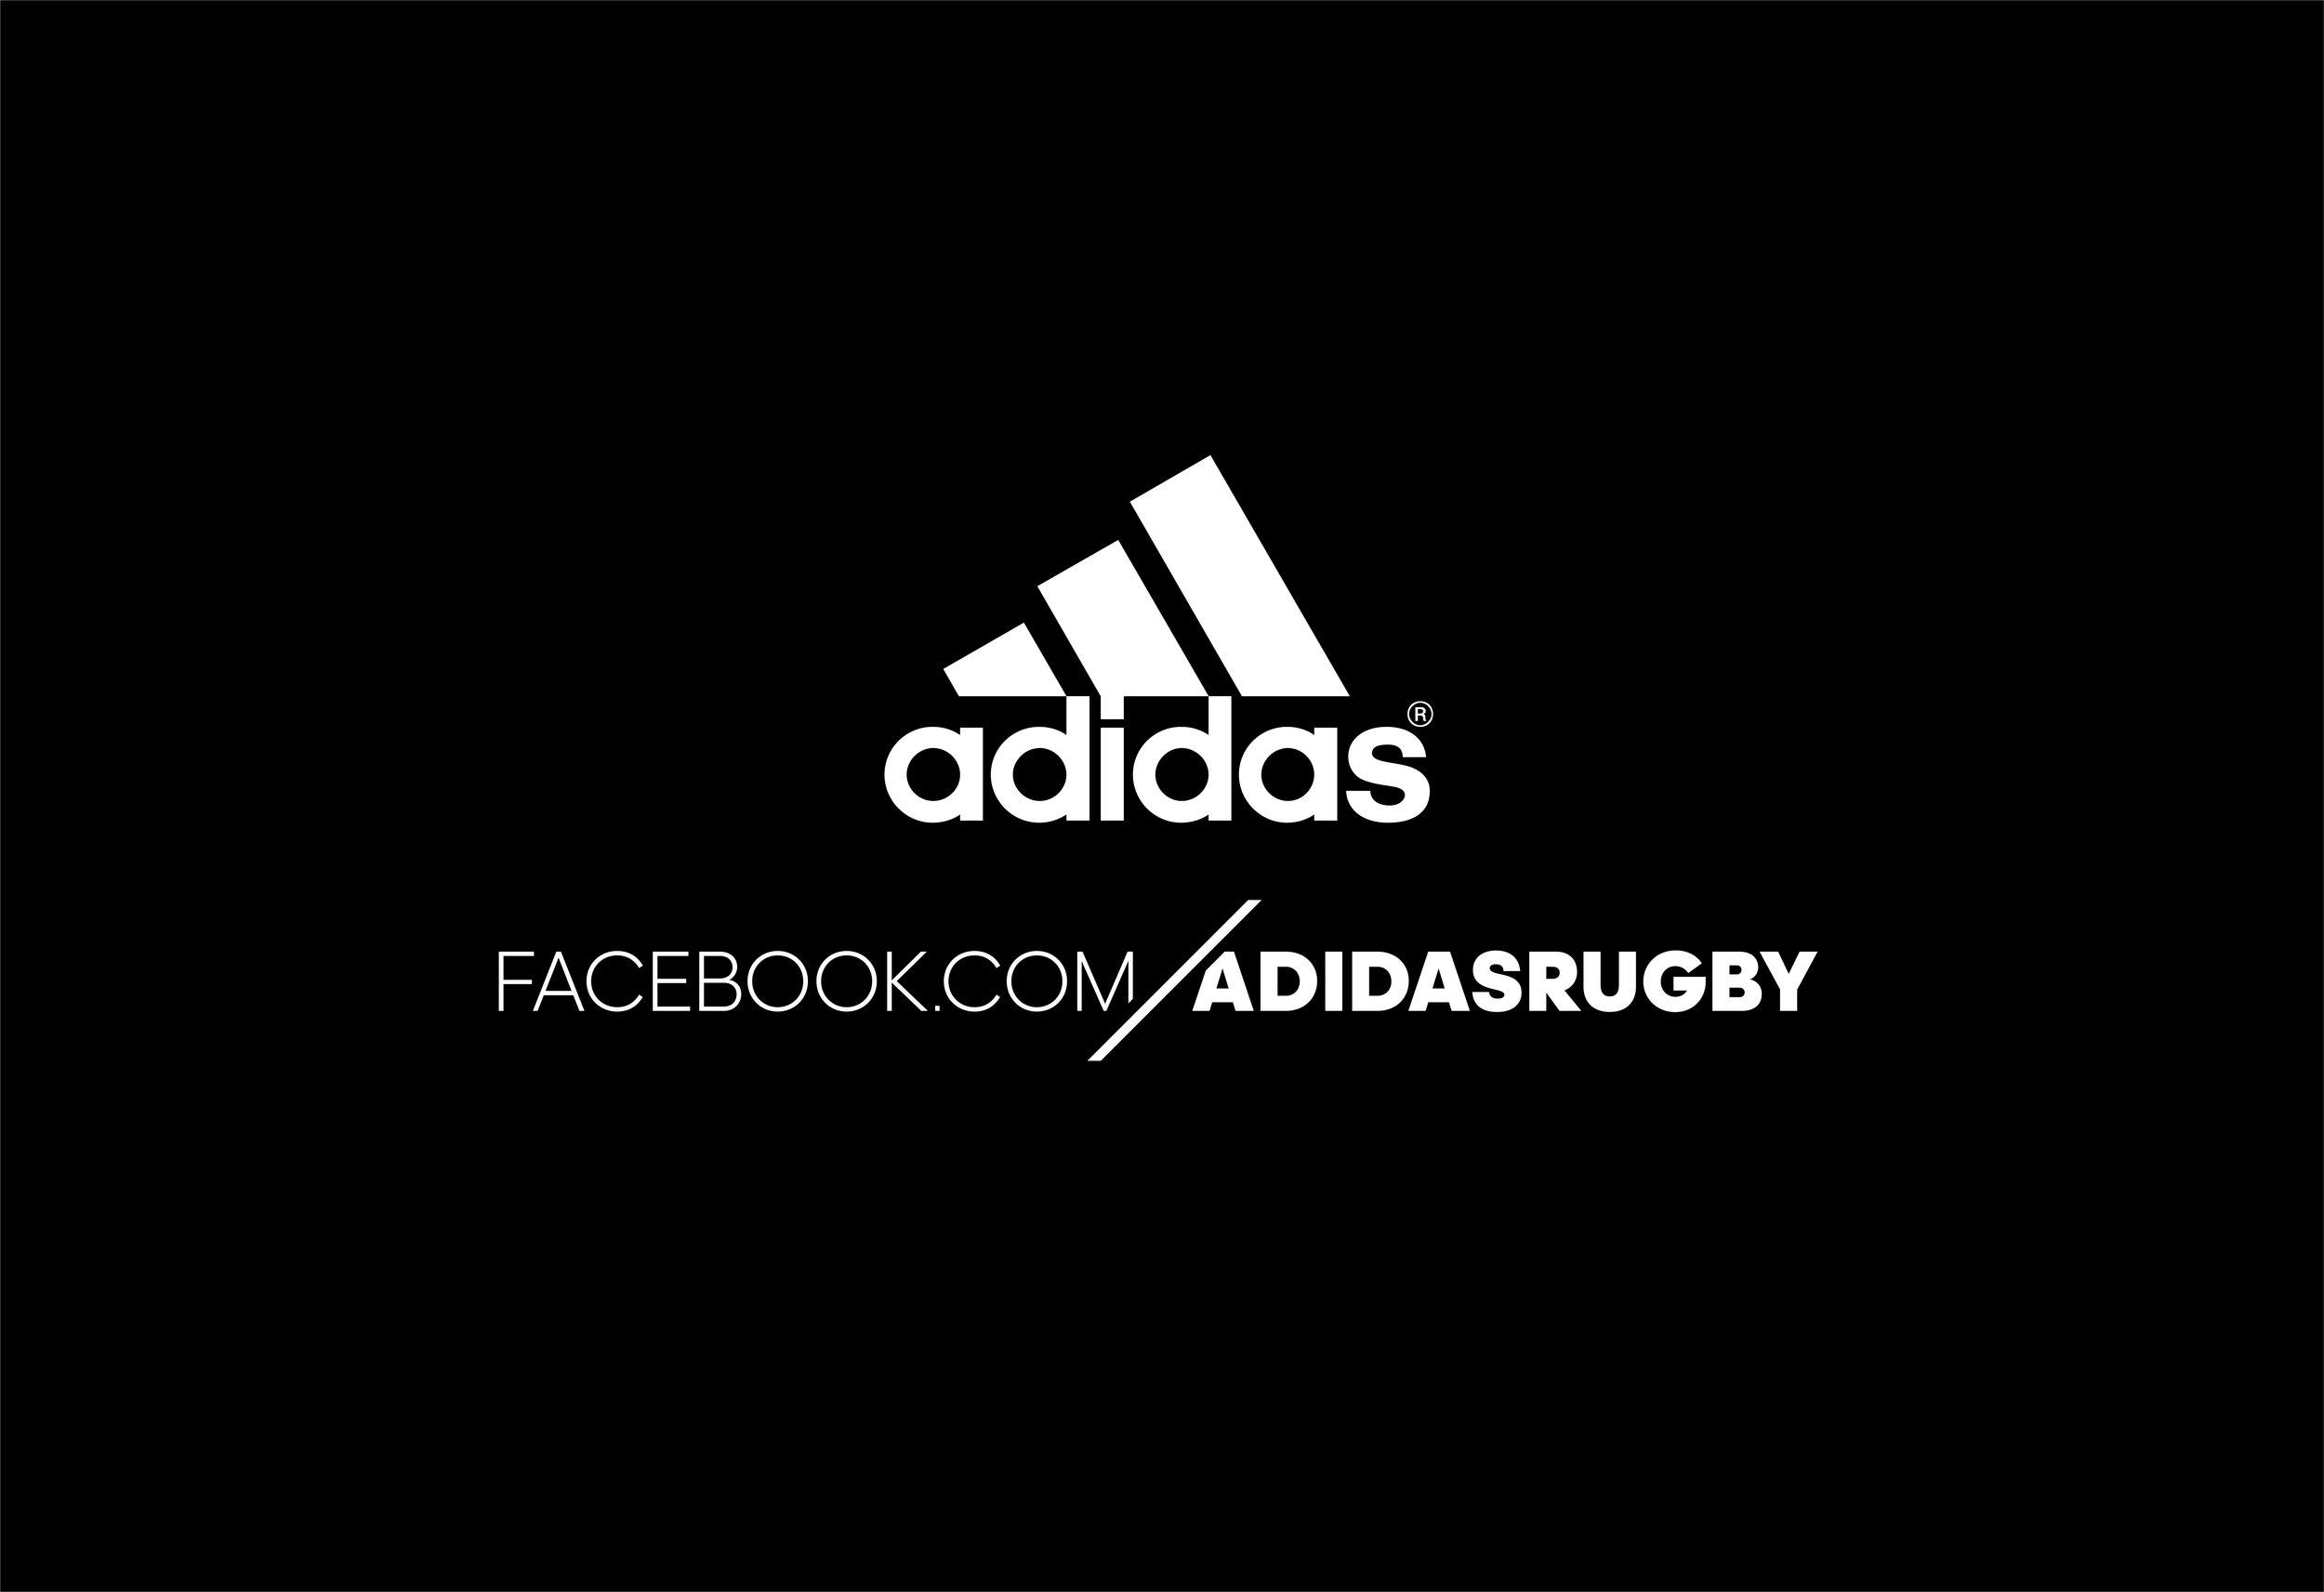 adidas social logo-01.jpg